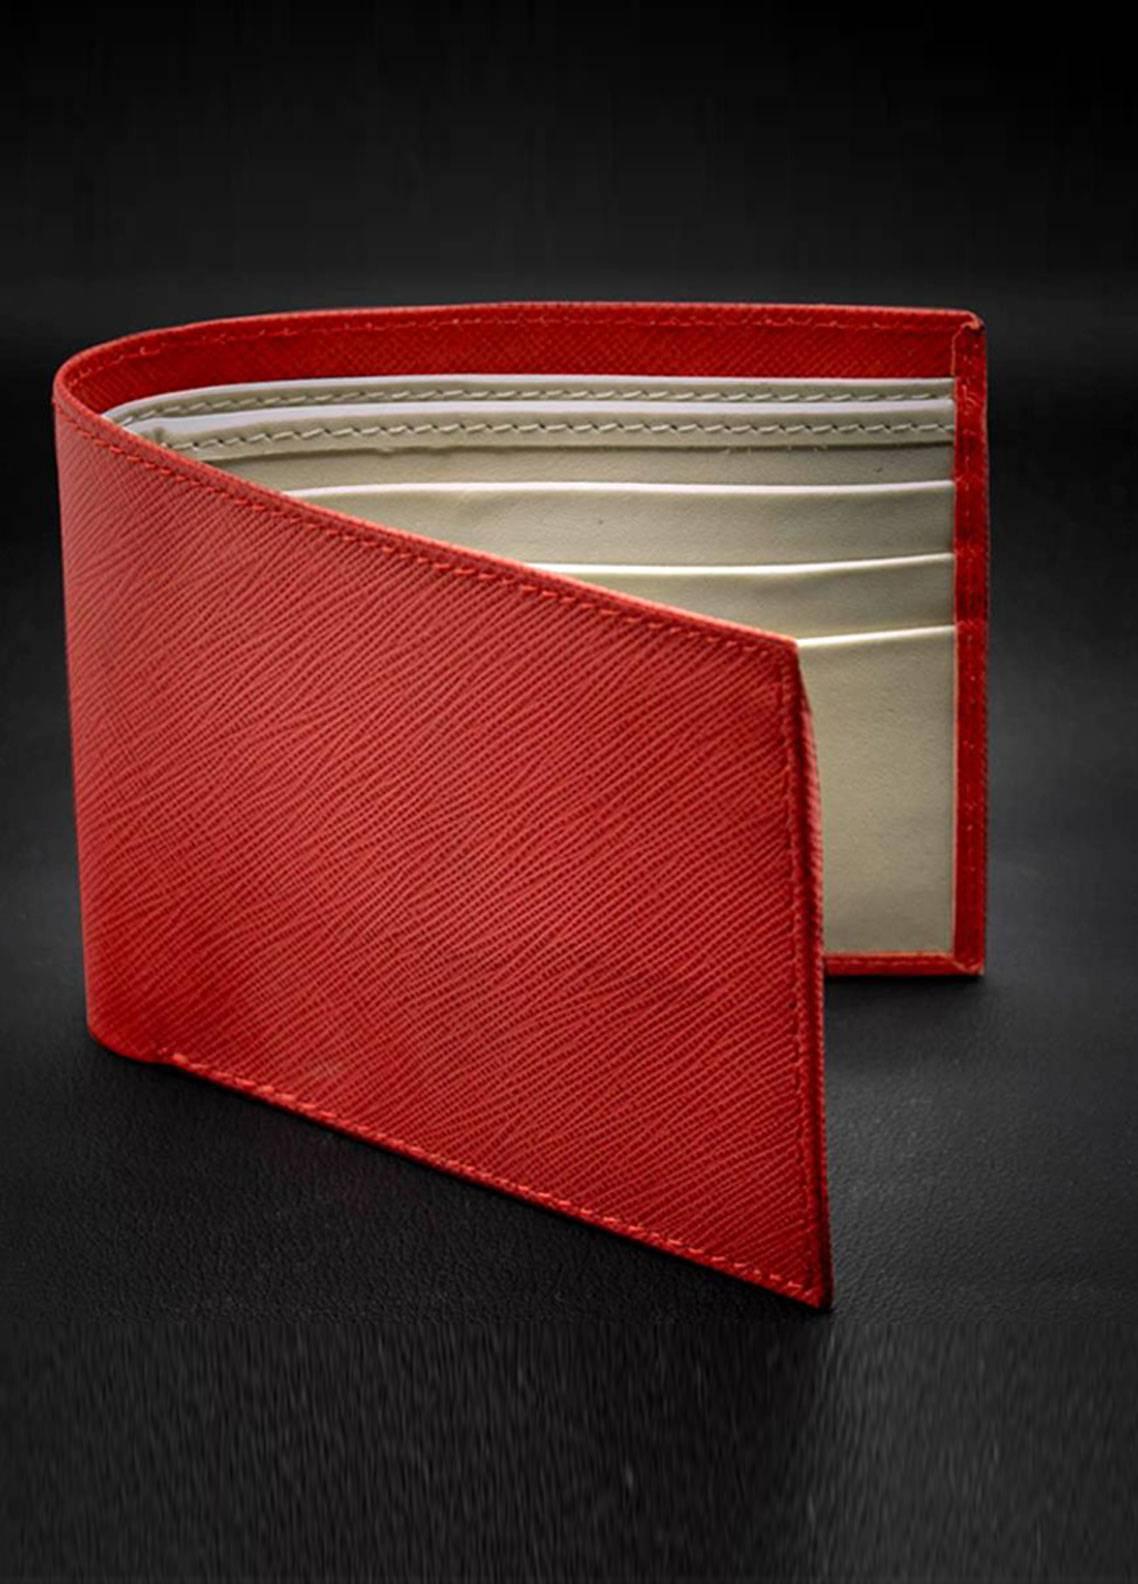 Skangen Vertical Premium Cow Leather Lines Exterior Wallets SKWT-1004 - Men's Accessories